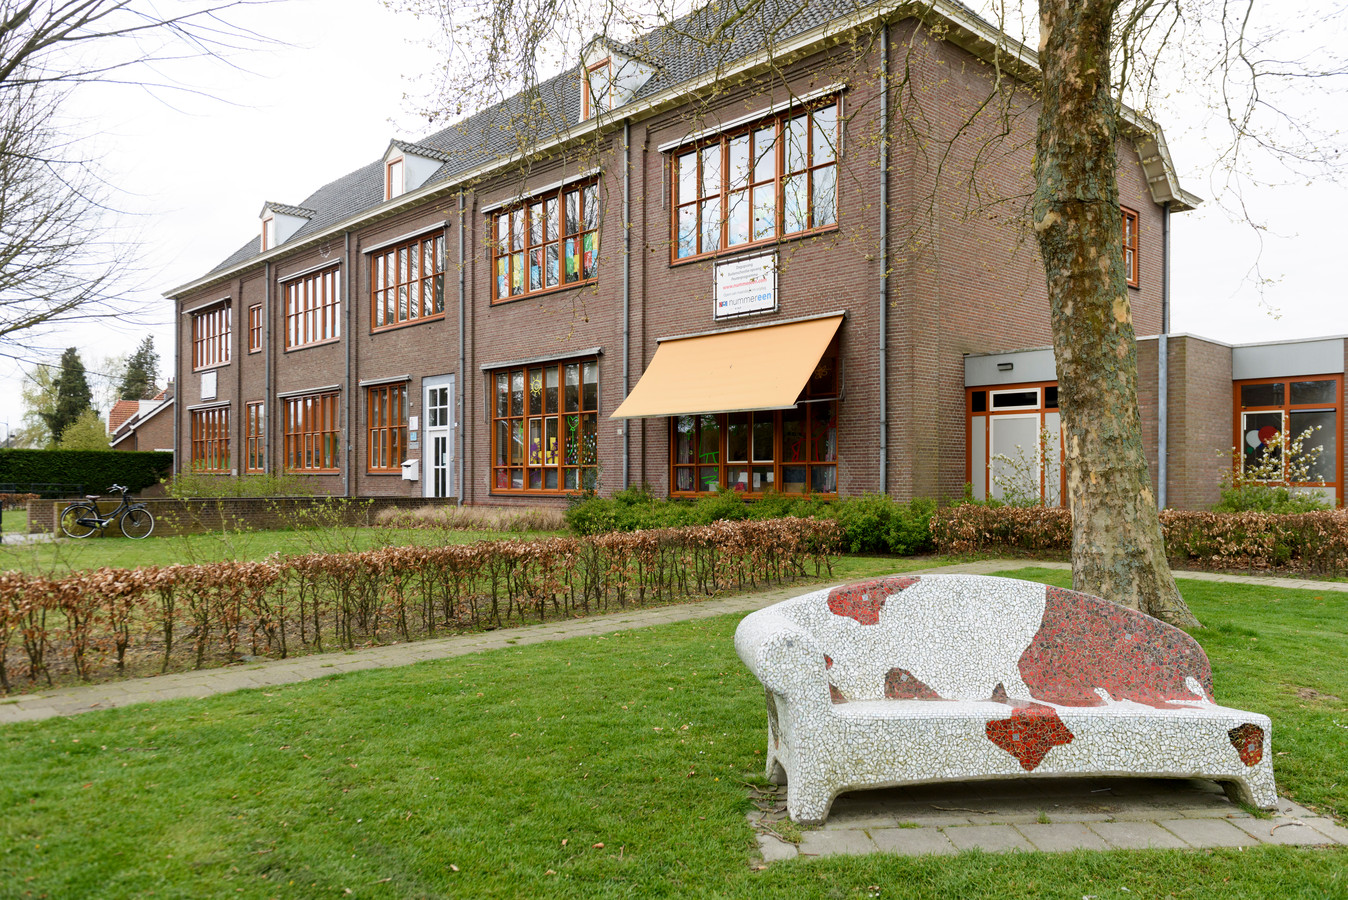 VELDHOVEN - Basisschool St. Jan Baptist